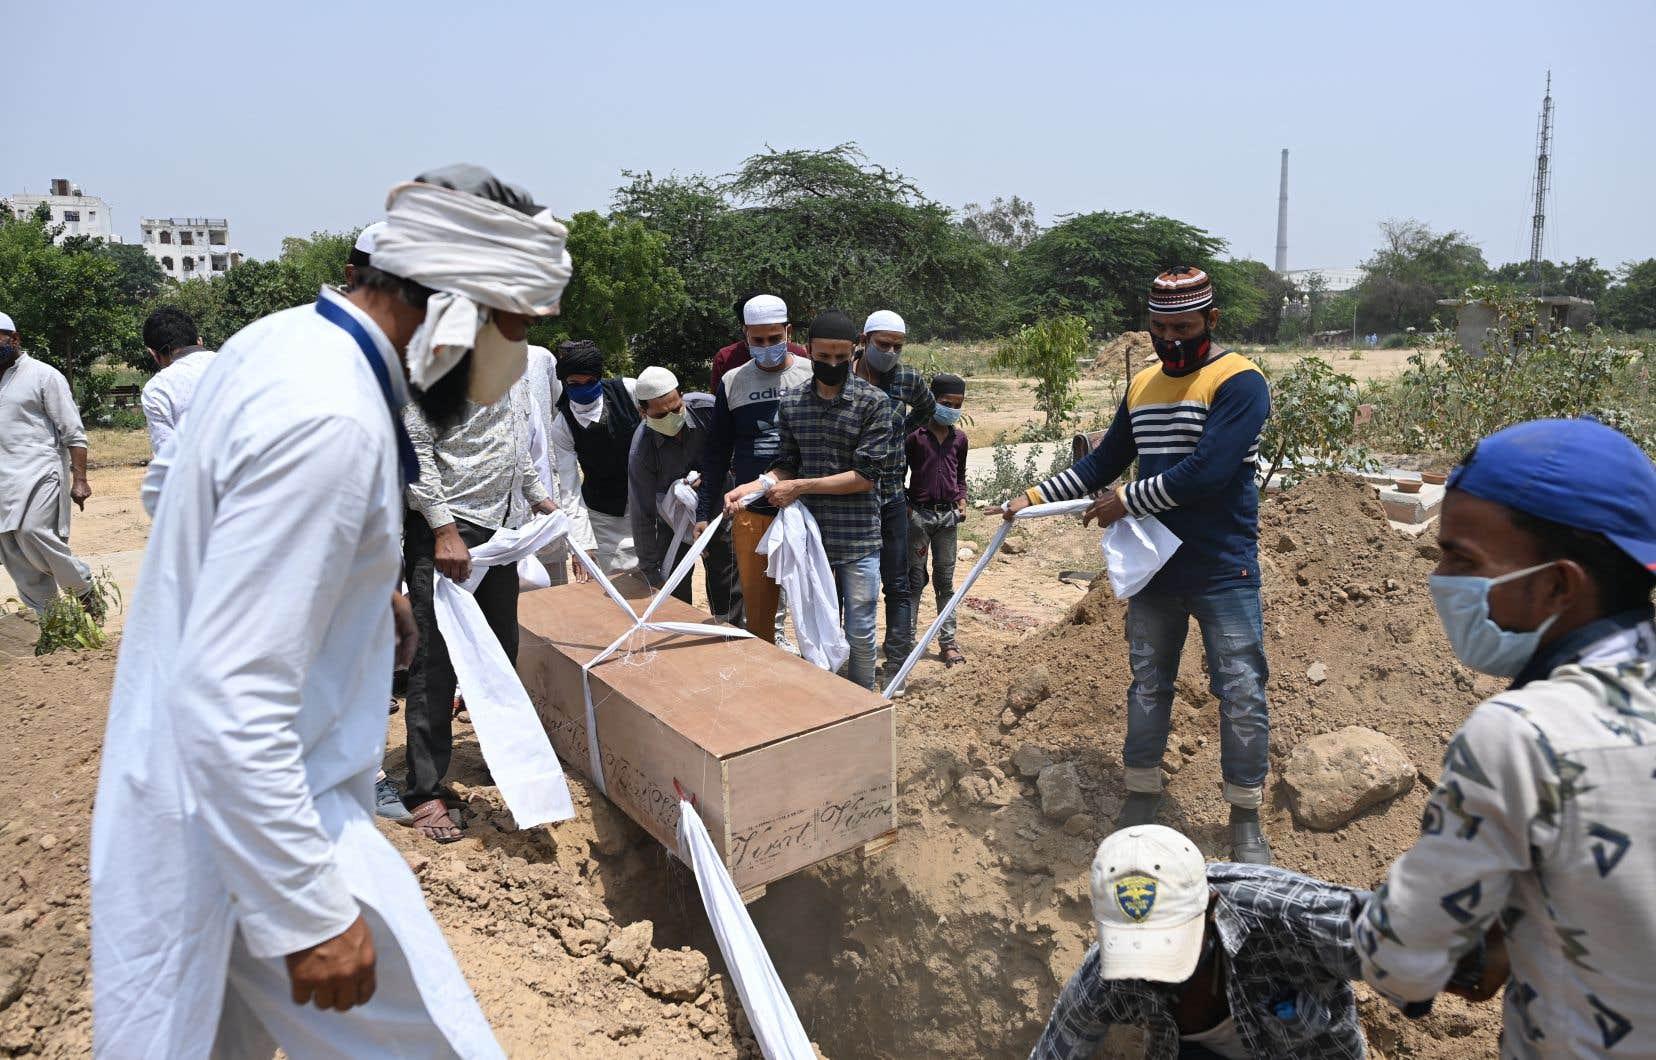 En Inde, ce sont 201 187 personnes qui ont succombé à l'épidémie, dont 3293 au cours des 24 dernièresheures, selon le ministère de la Santé. Sur la photo, le corps d'une victime est mis sous terre, mercredi, à New Delhi.